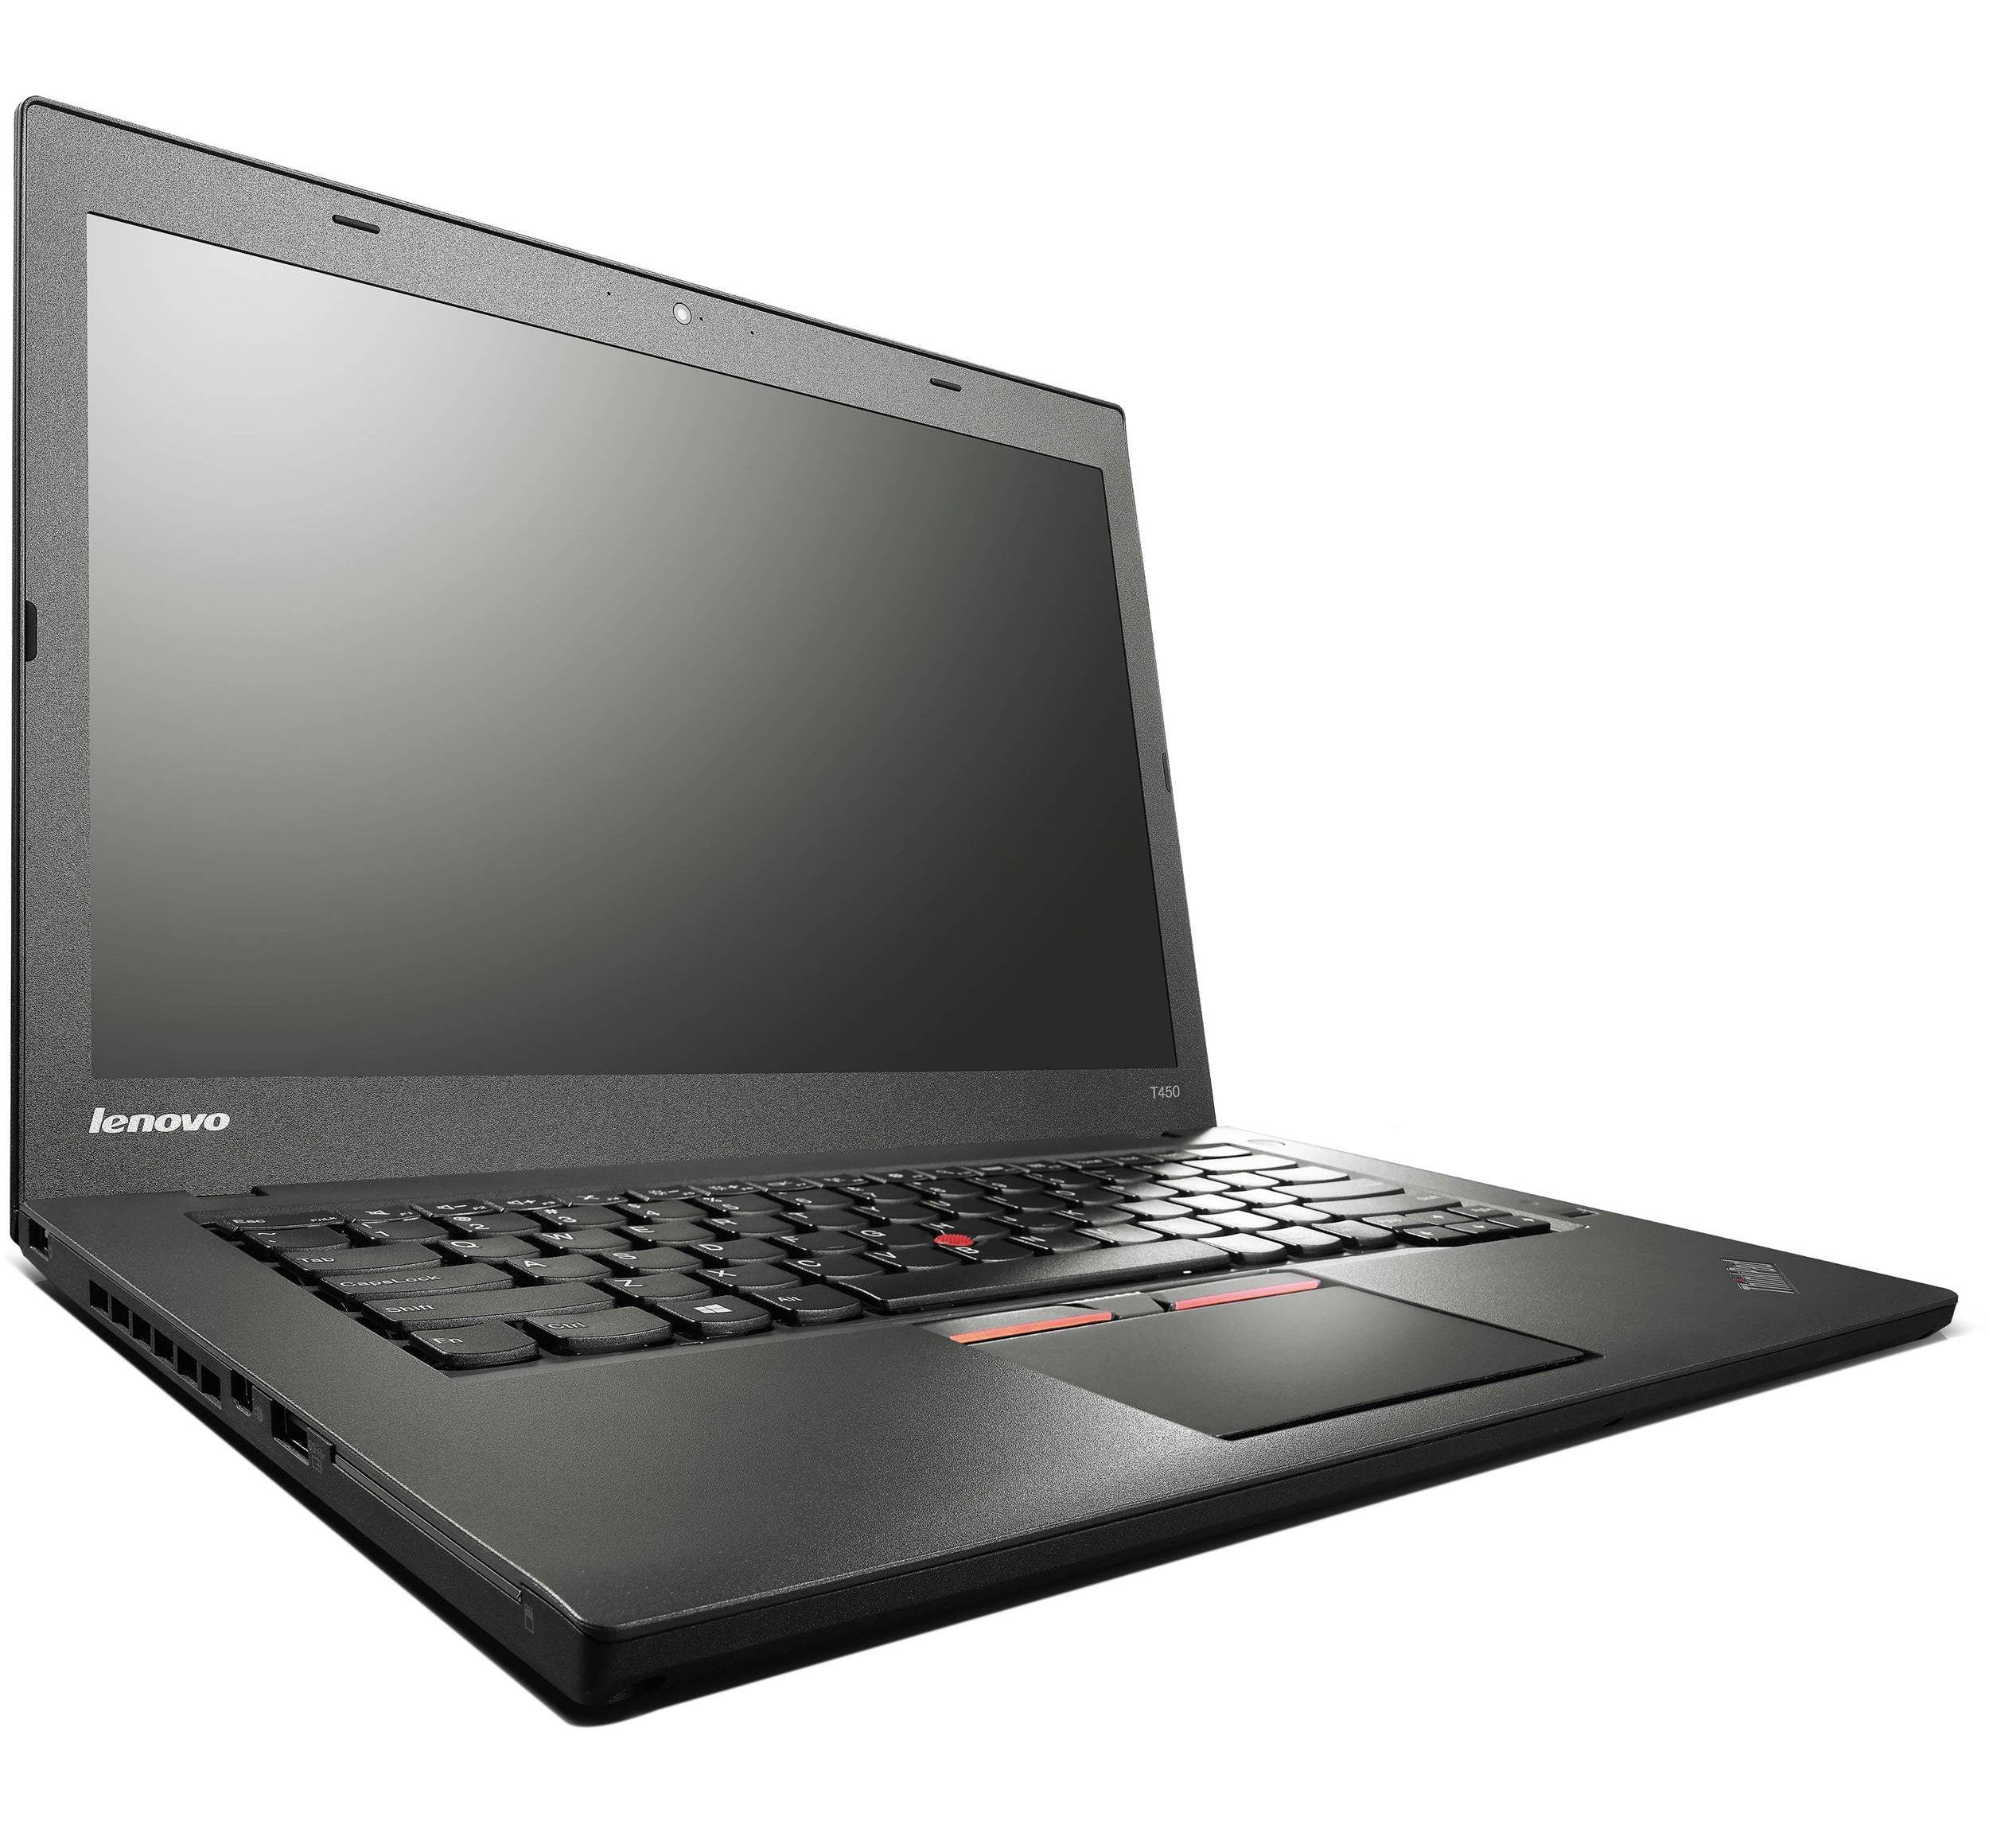 Lenovo ThinkPad T450 14 pulgadas 1920 × 1080 Full HD Intel Core i5 256 GB SSD disco duro 8 GB de memoria Win 10 Pro Webcam Bluetooth portátil Ultrabook (certificado y revisado): Amazon.es: Informática